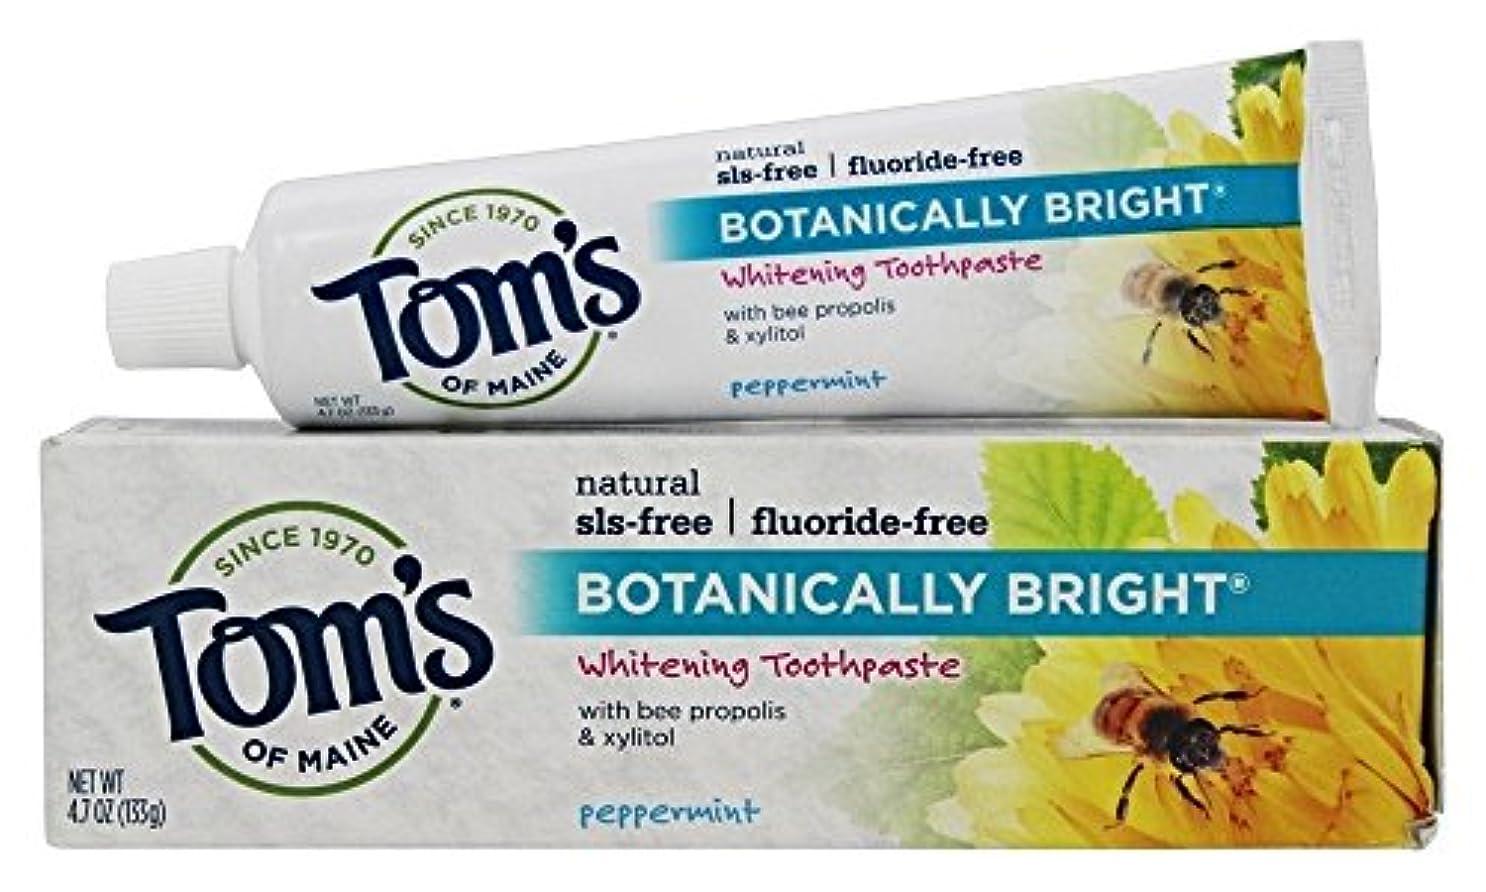 モスク滅びるできるBotanically Bright Whitening Toothpaste Peppermint - 4.7 oz - Case of 6 by Tom's of Maine